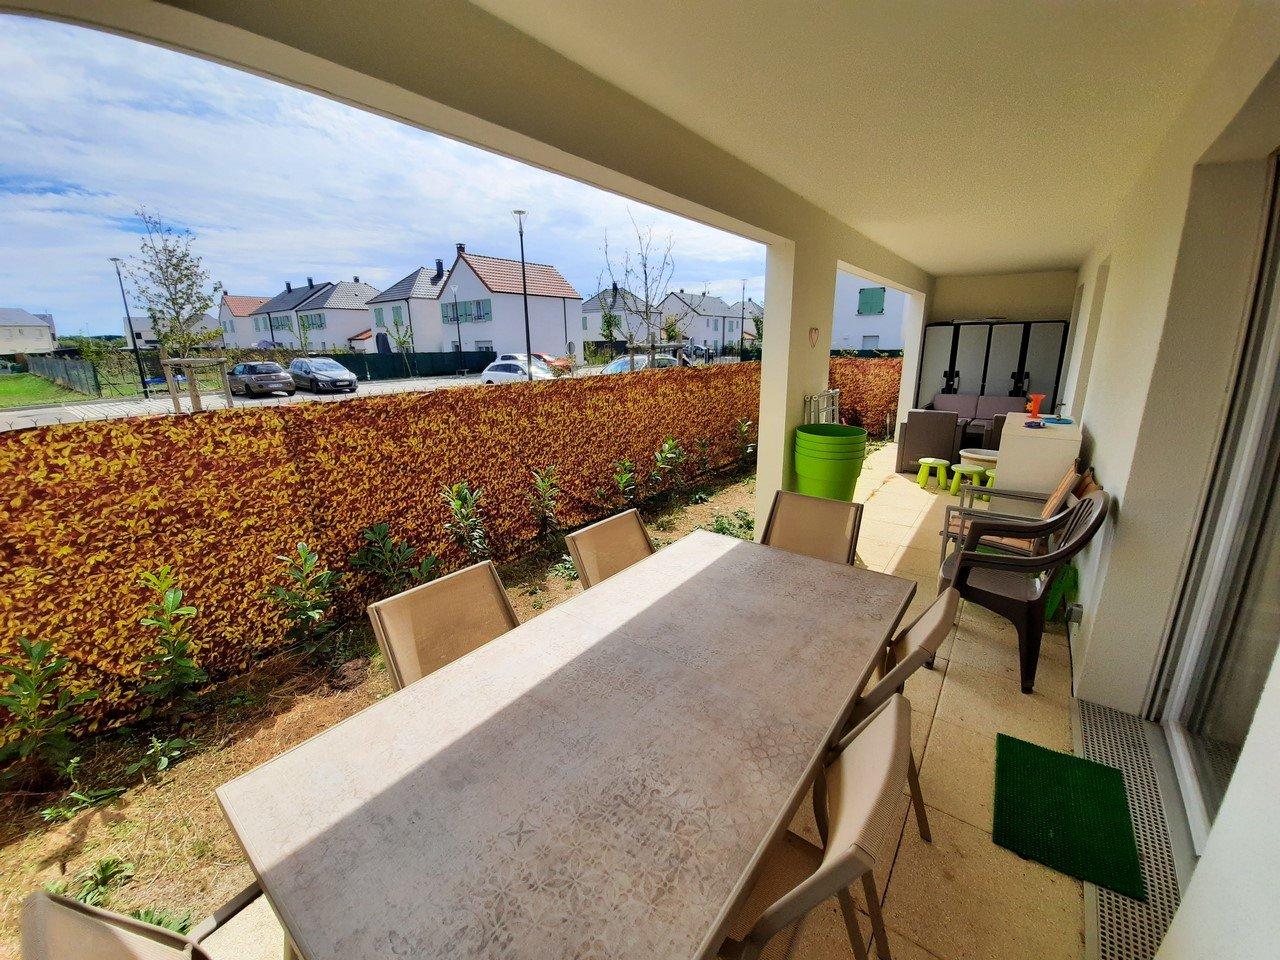 Appartement de plain pied avec jardinet